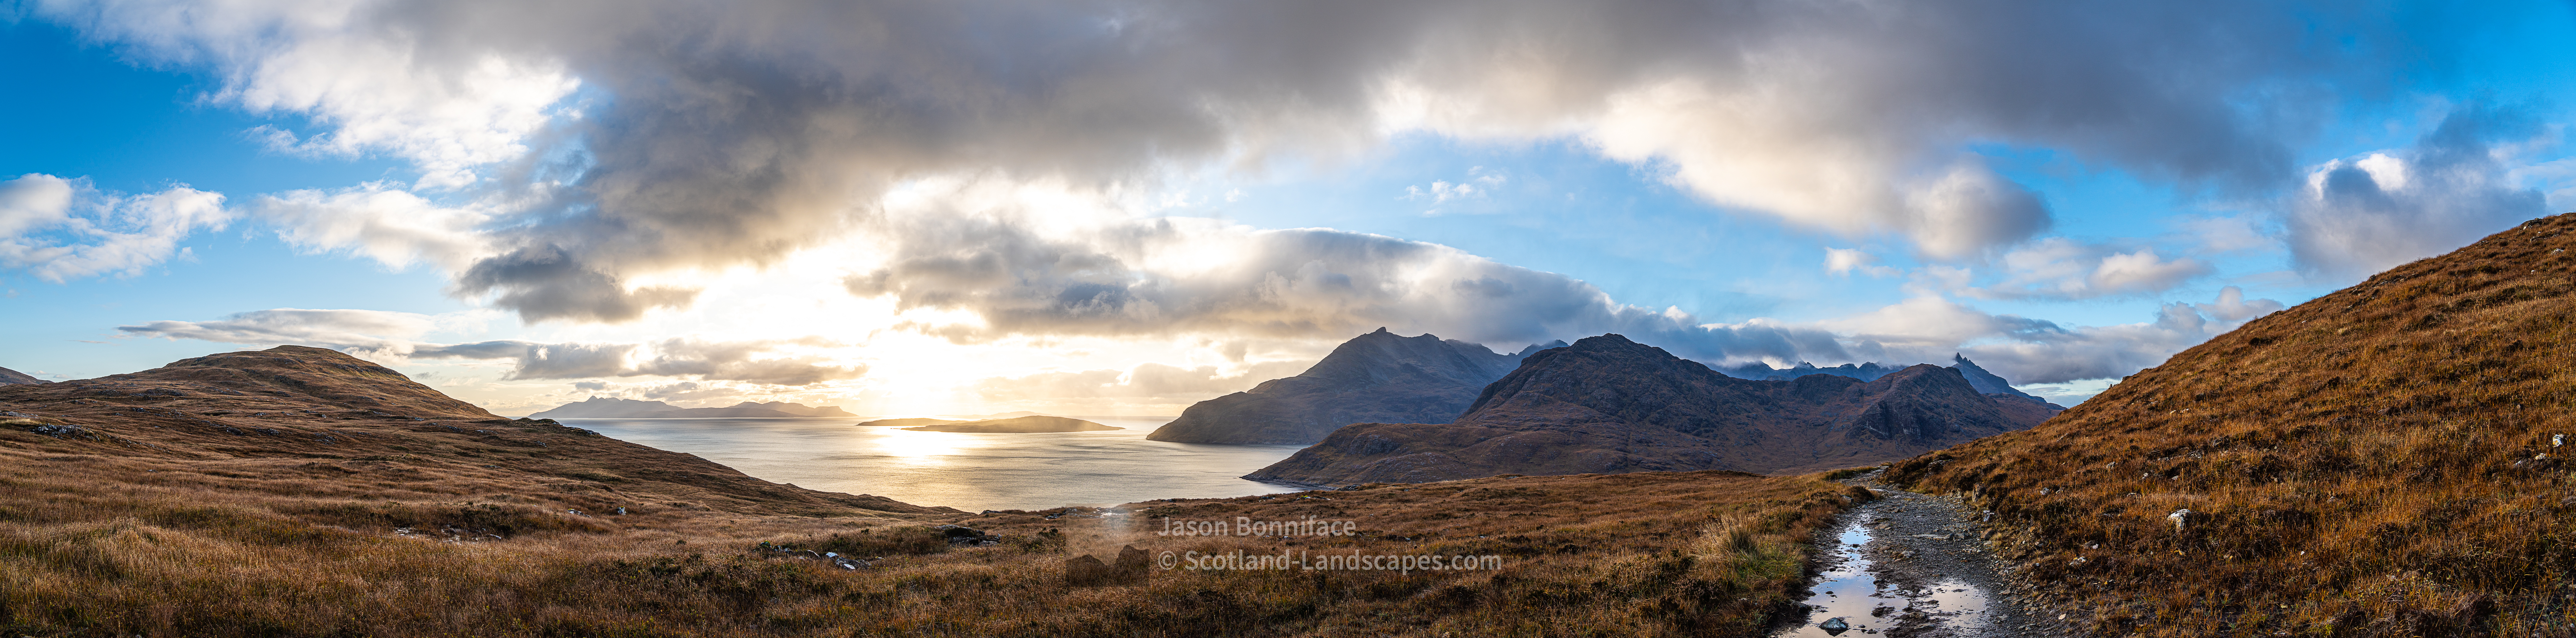 Am Mam Panorama - Rum, Soay & Black Cuillin, Skye